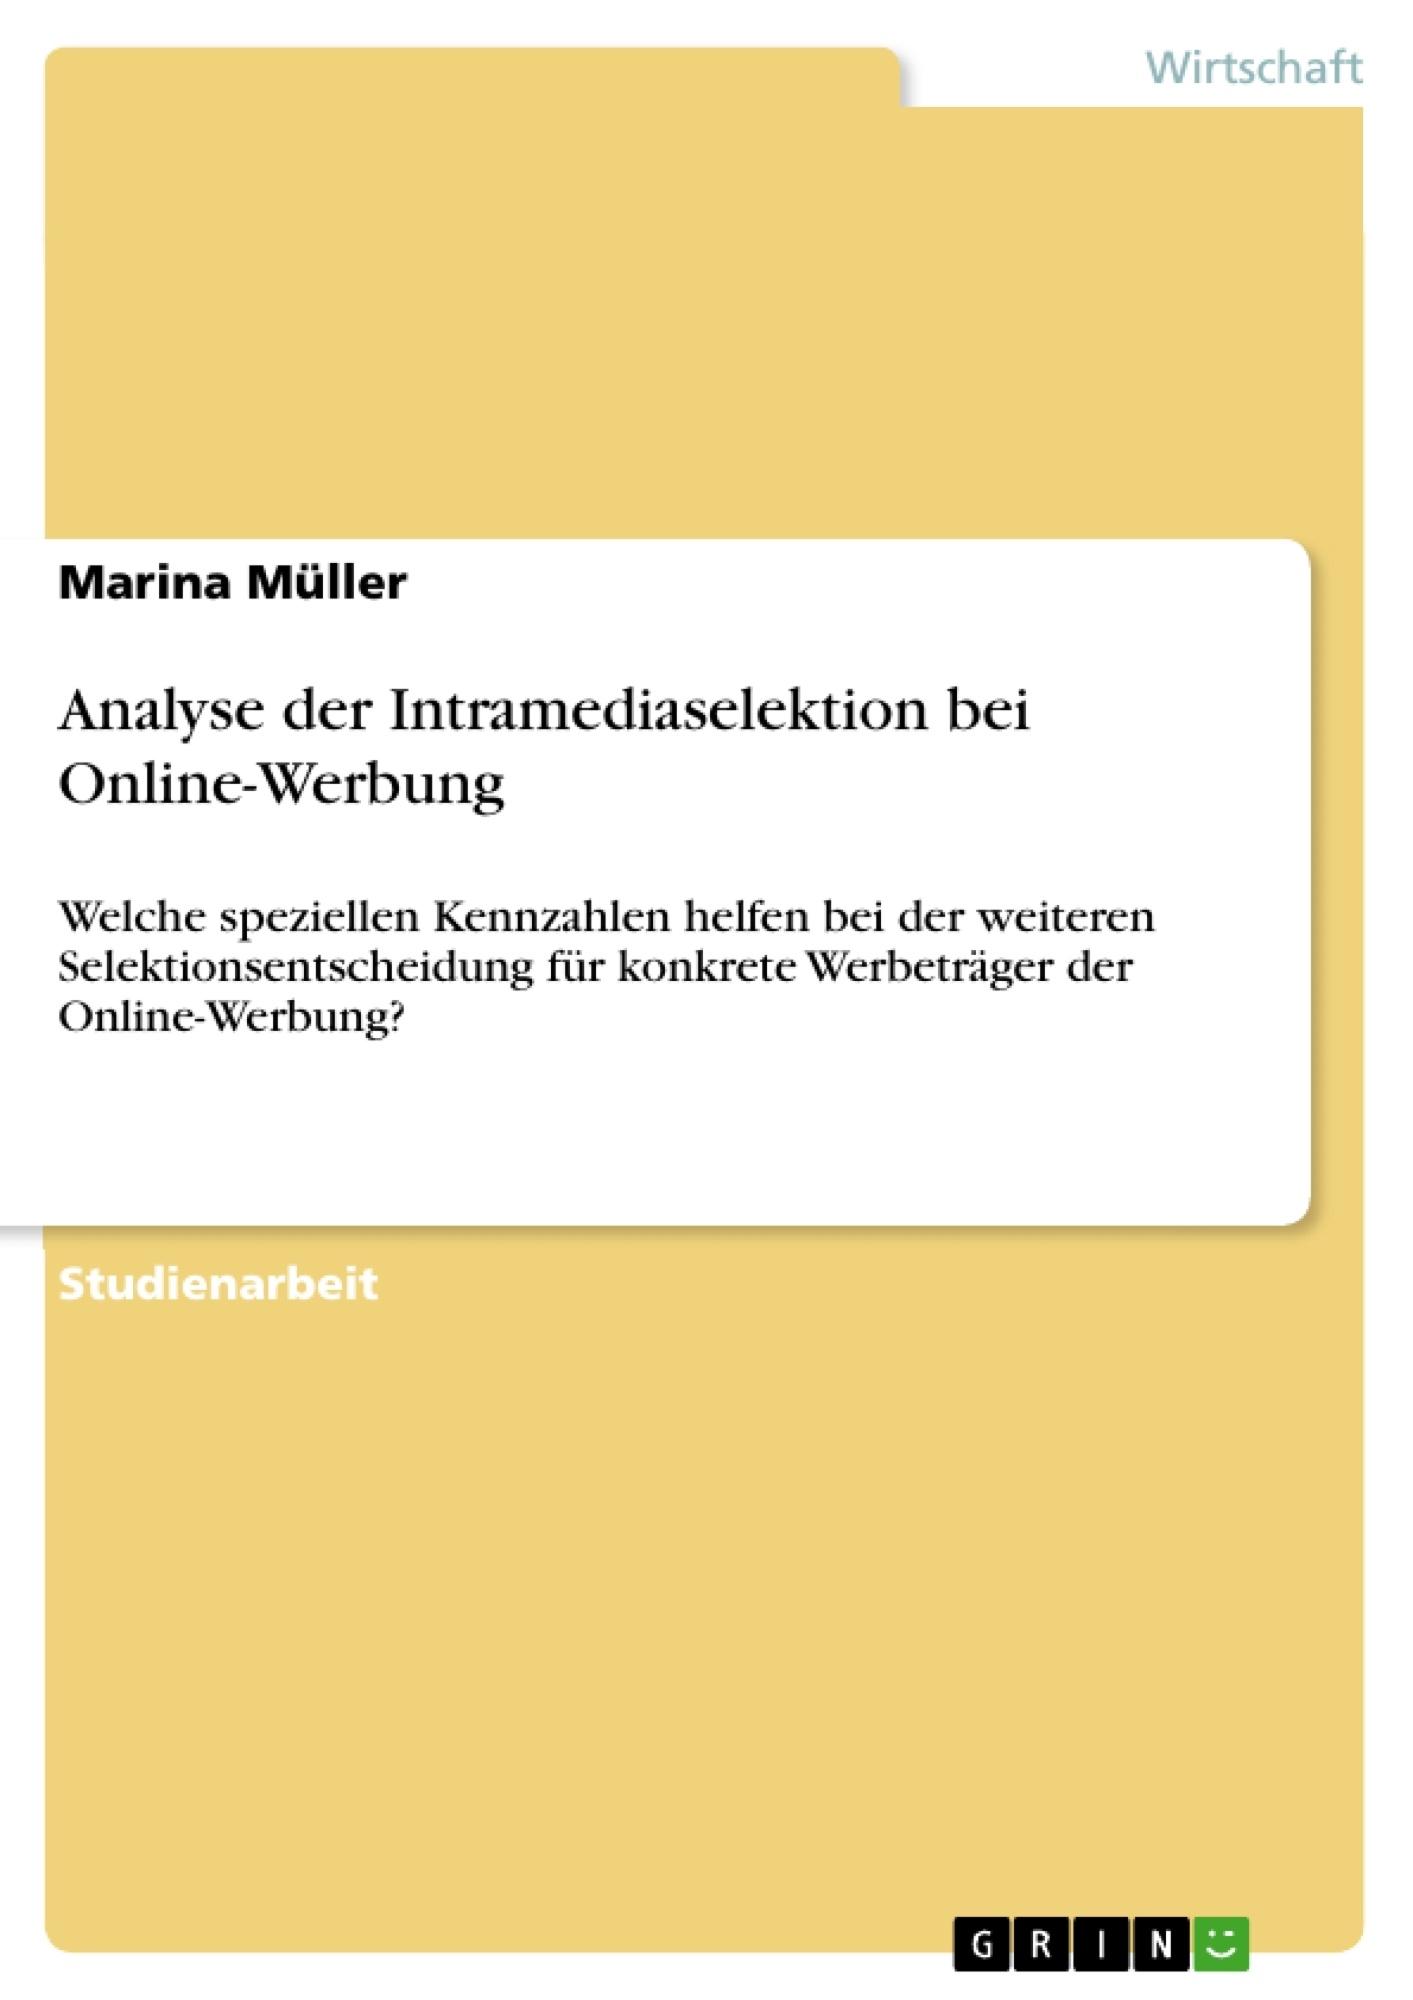 Titel: Analyse der Intramediaselektion bei Online-Werbung